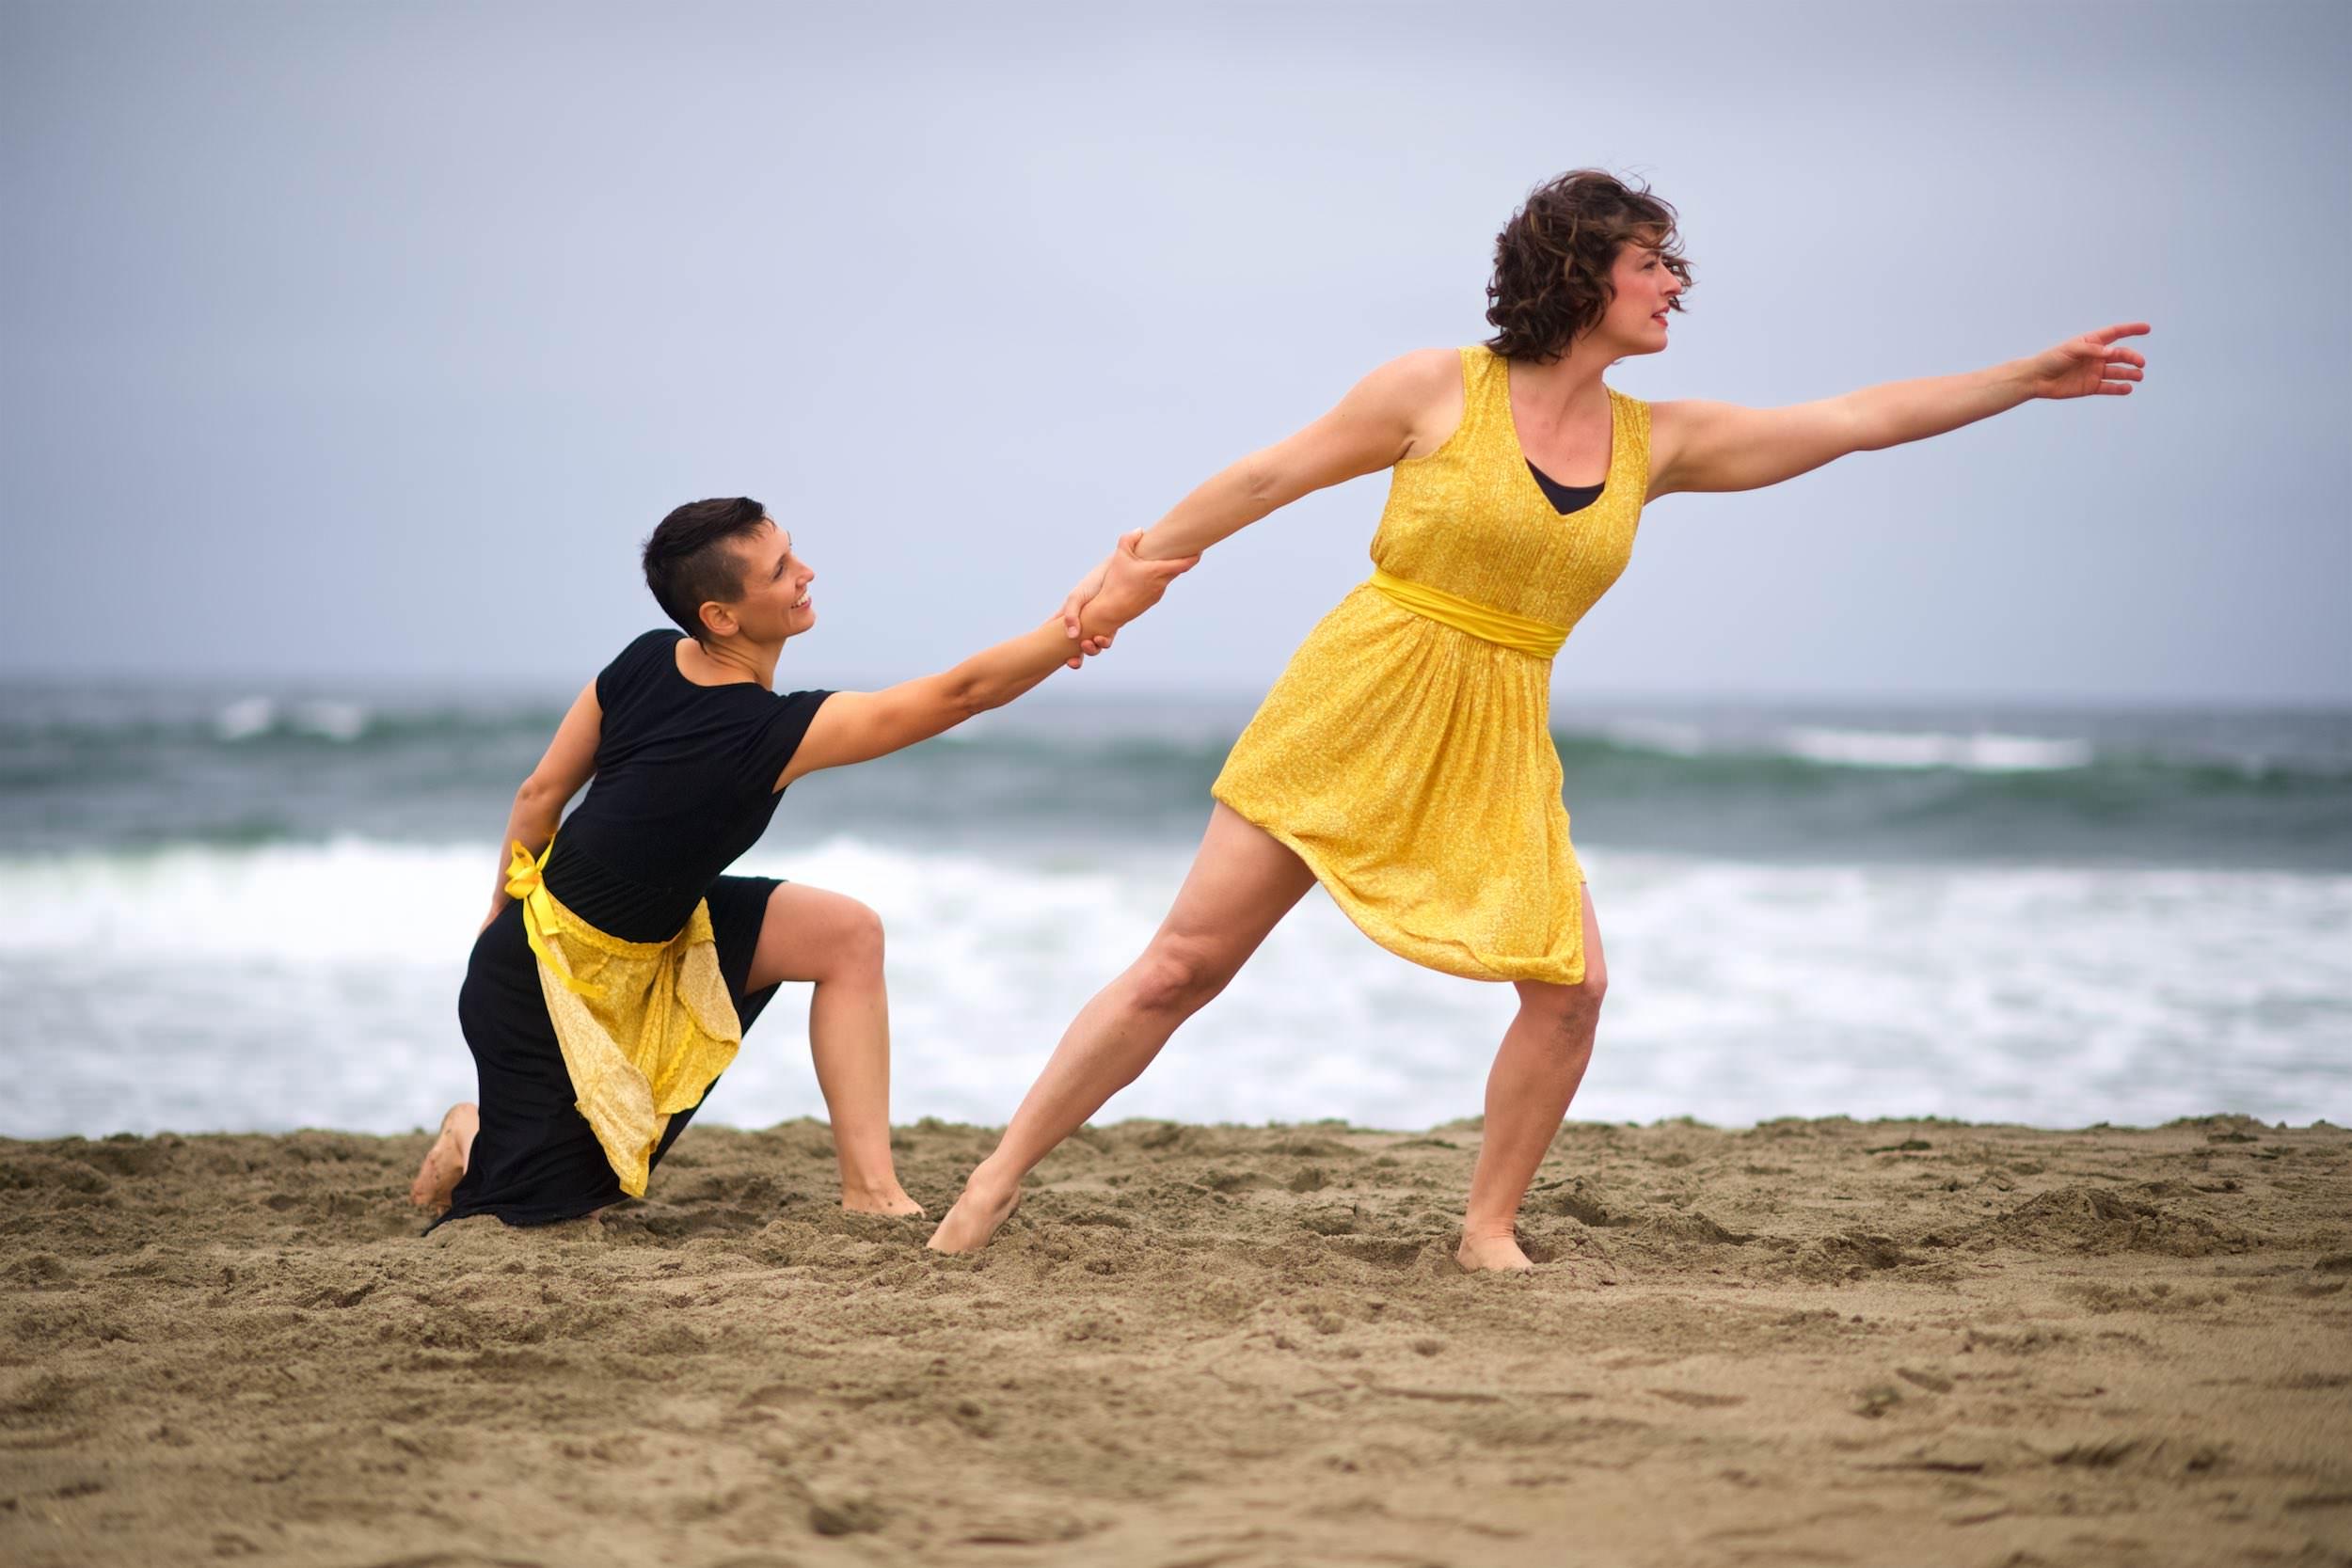 dance-promo-04.jpg